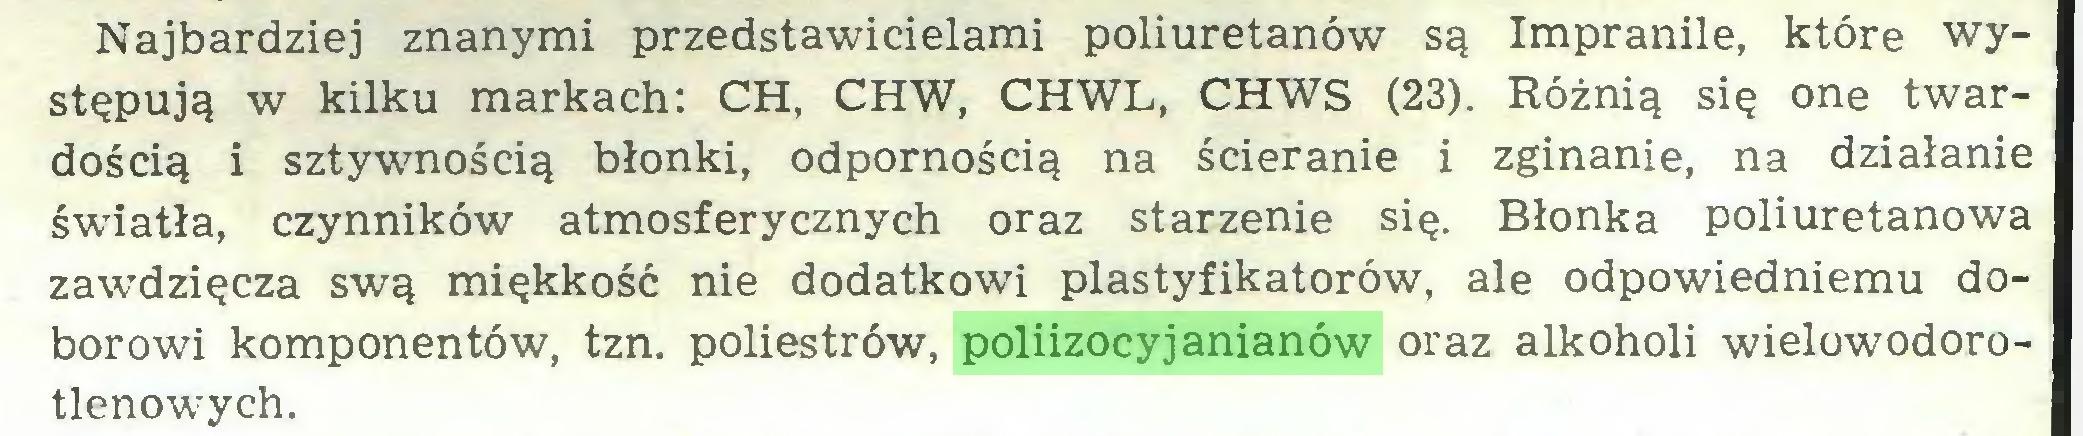 (...) Najbardziej znanymi przedstawicielami poliuretanów są Impranile, które występują w kilku markach: CH, CHW, CHWL, CHWS (23). Różnią się one twardością i sztywnością błonki, odpornością na ścieranie i zginanie, na działanie światła, czynników atmosferycznych oraz starzenie się. Błonka poliuretanowa zawdzięcza swą miękkość nie dodatkowi plastyfikatorów, ale odpowiedniemu doborowi komponentów, tzn. poliestrów, poliizocyjanianów oraz alkoholi wielowodorotlenowych...